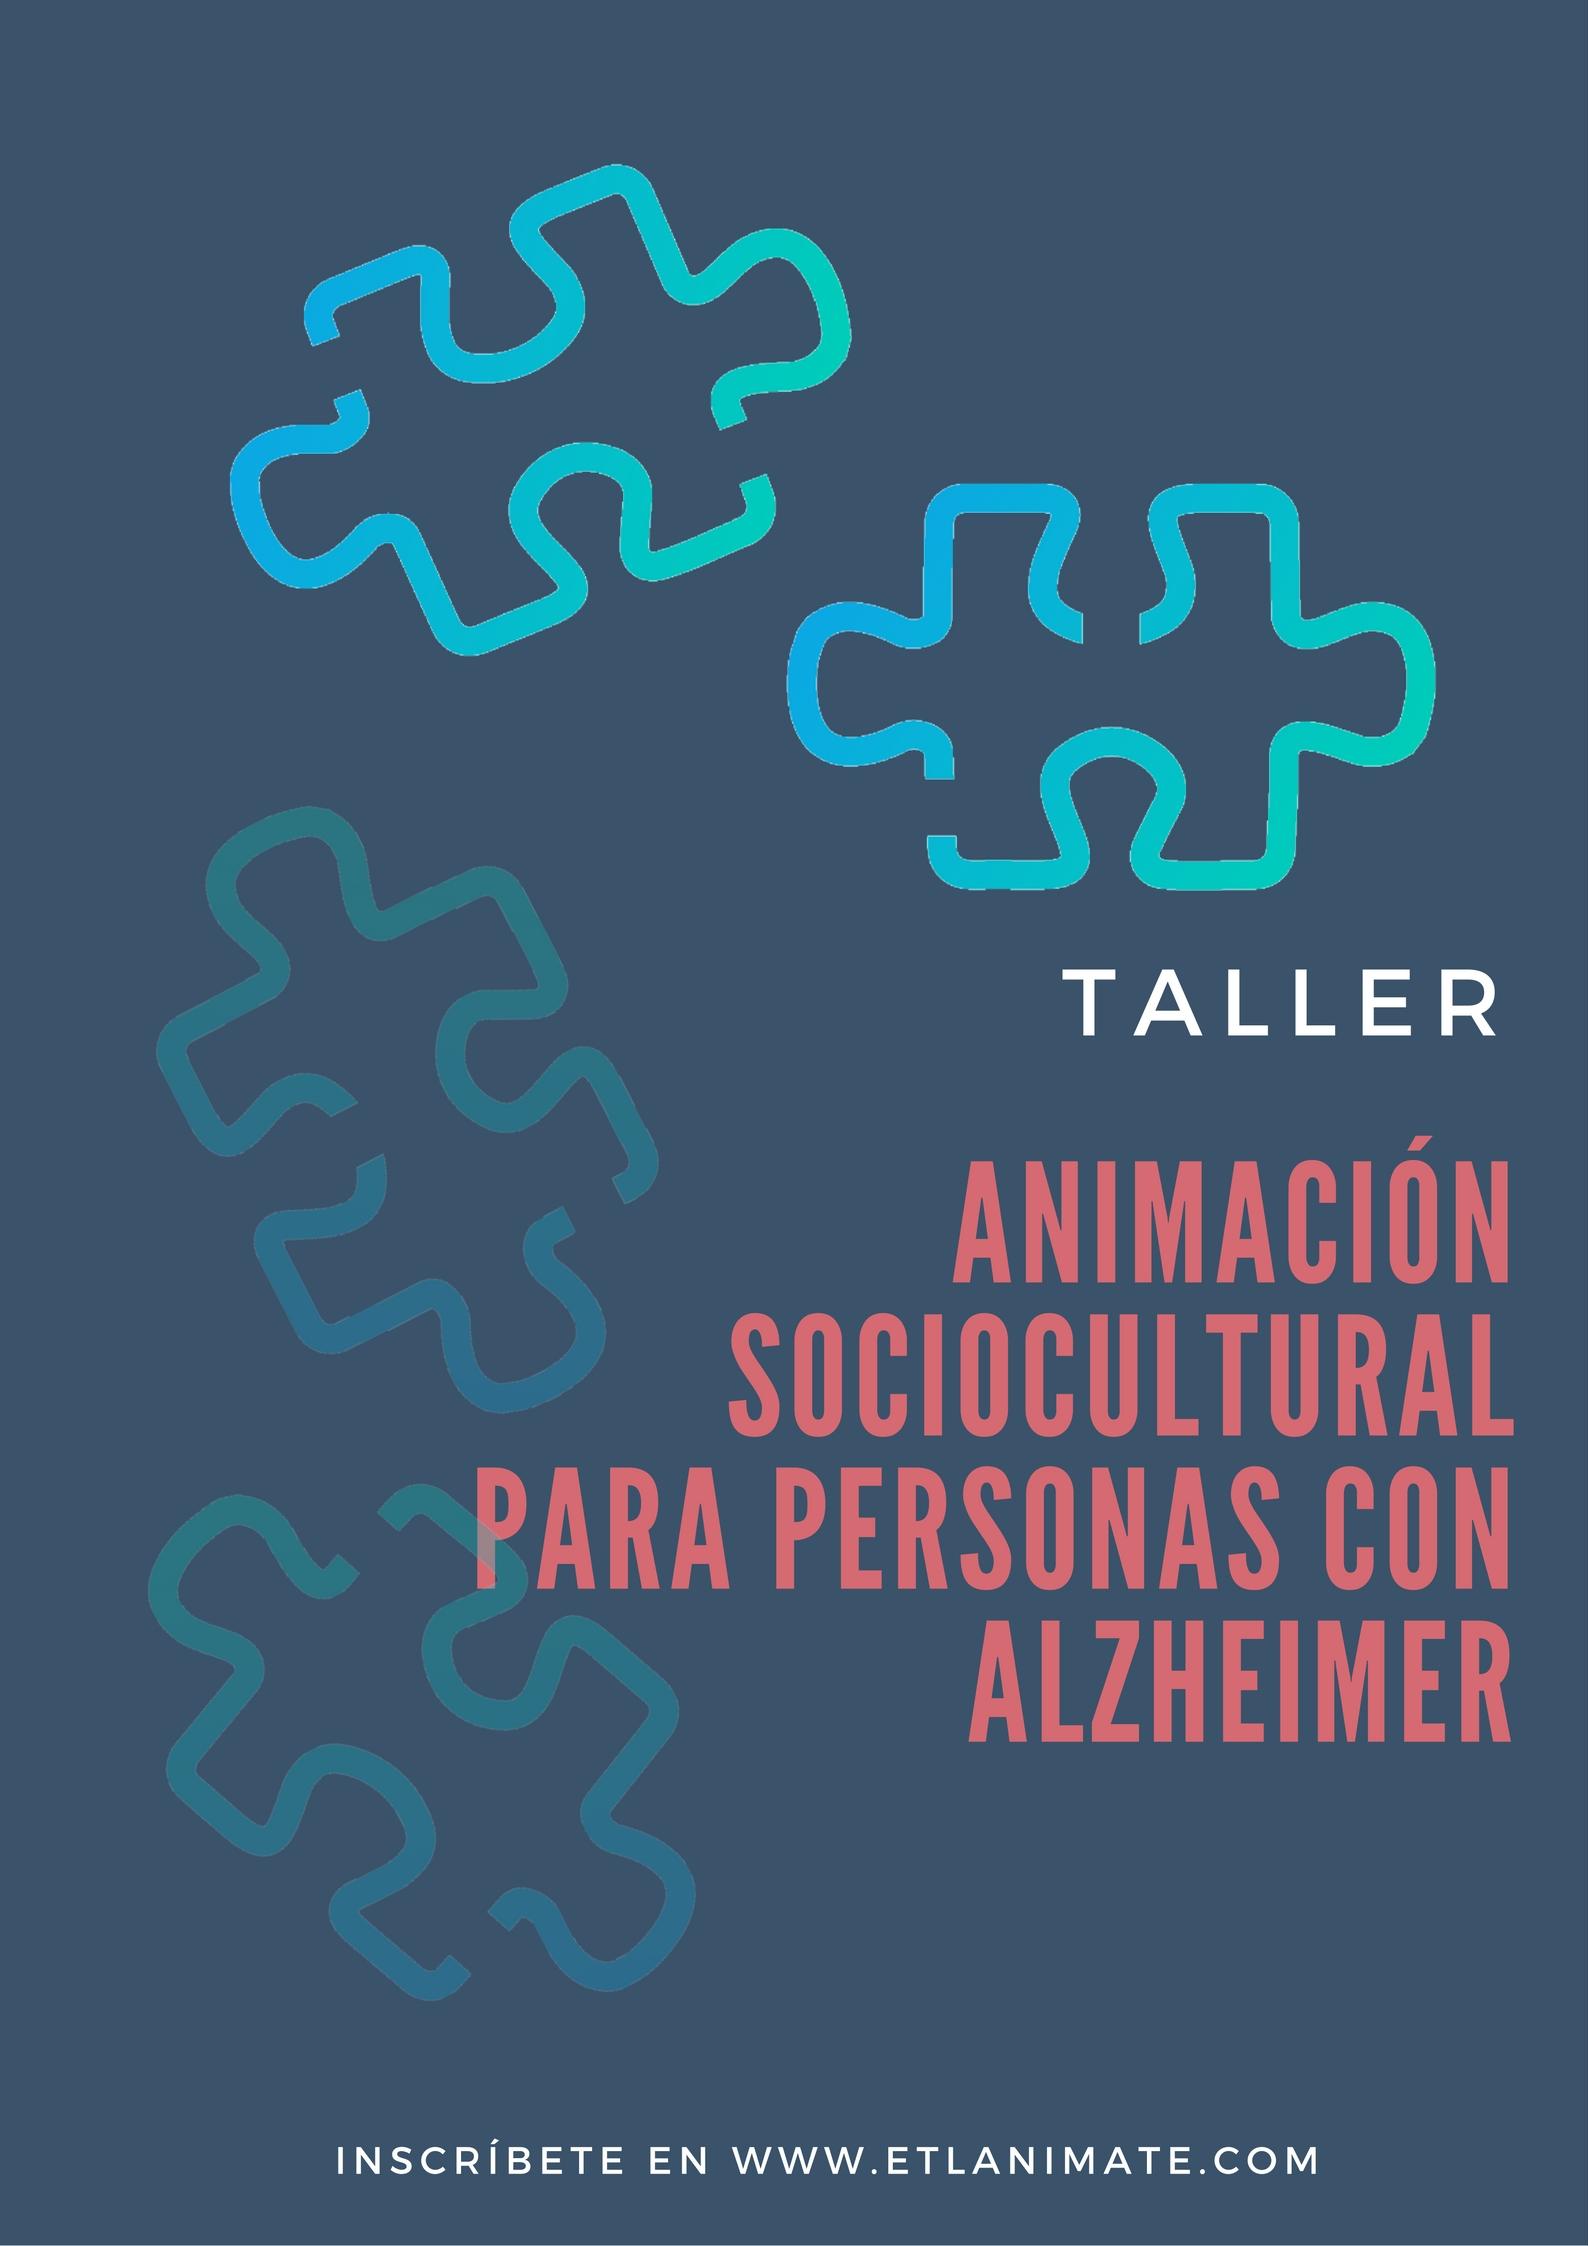 animacion-sociocultural-para-personas-con-alzheimer